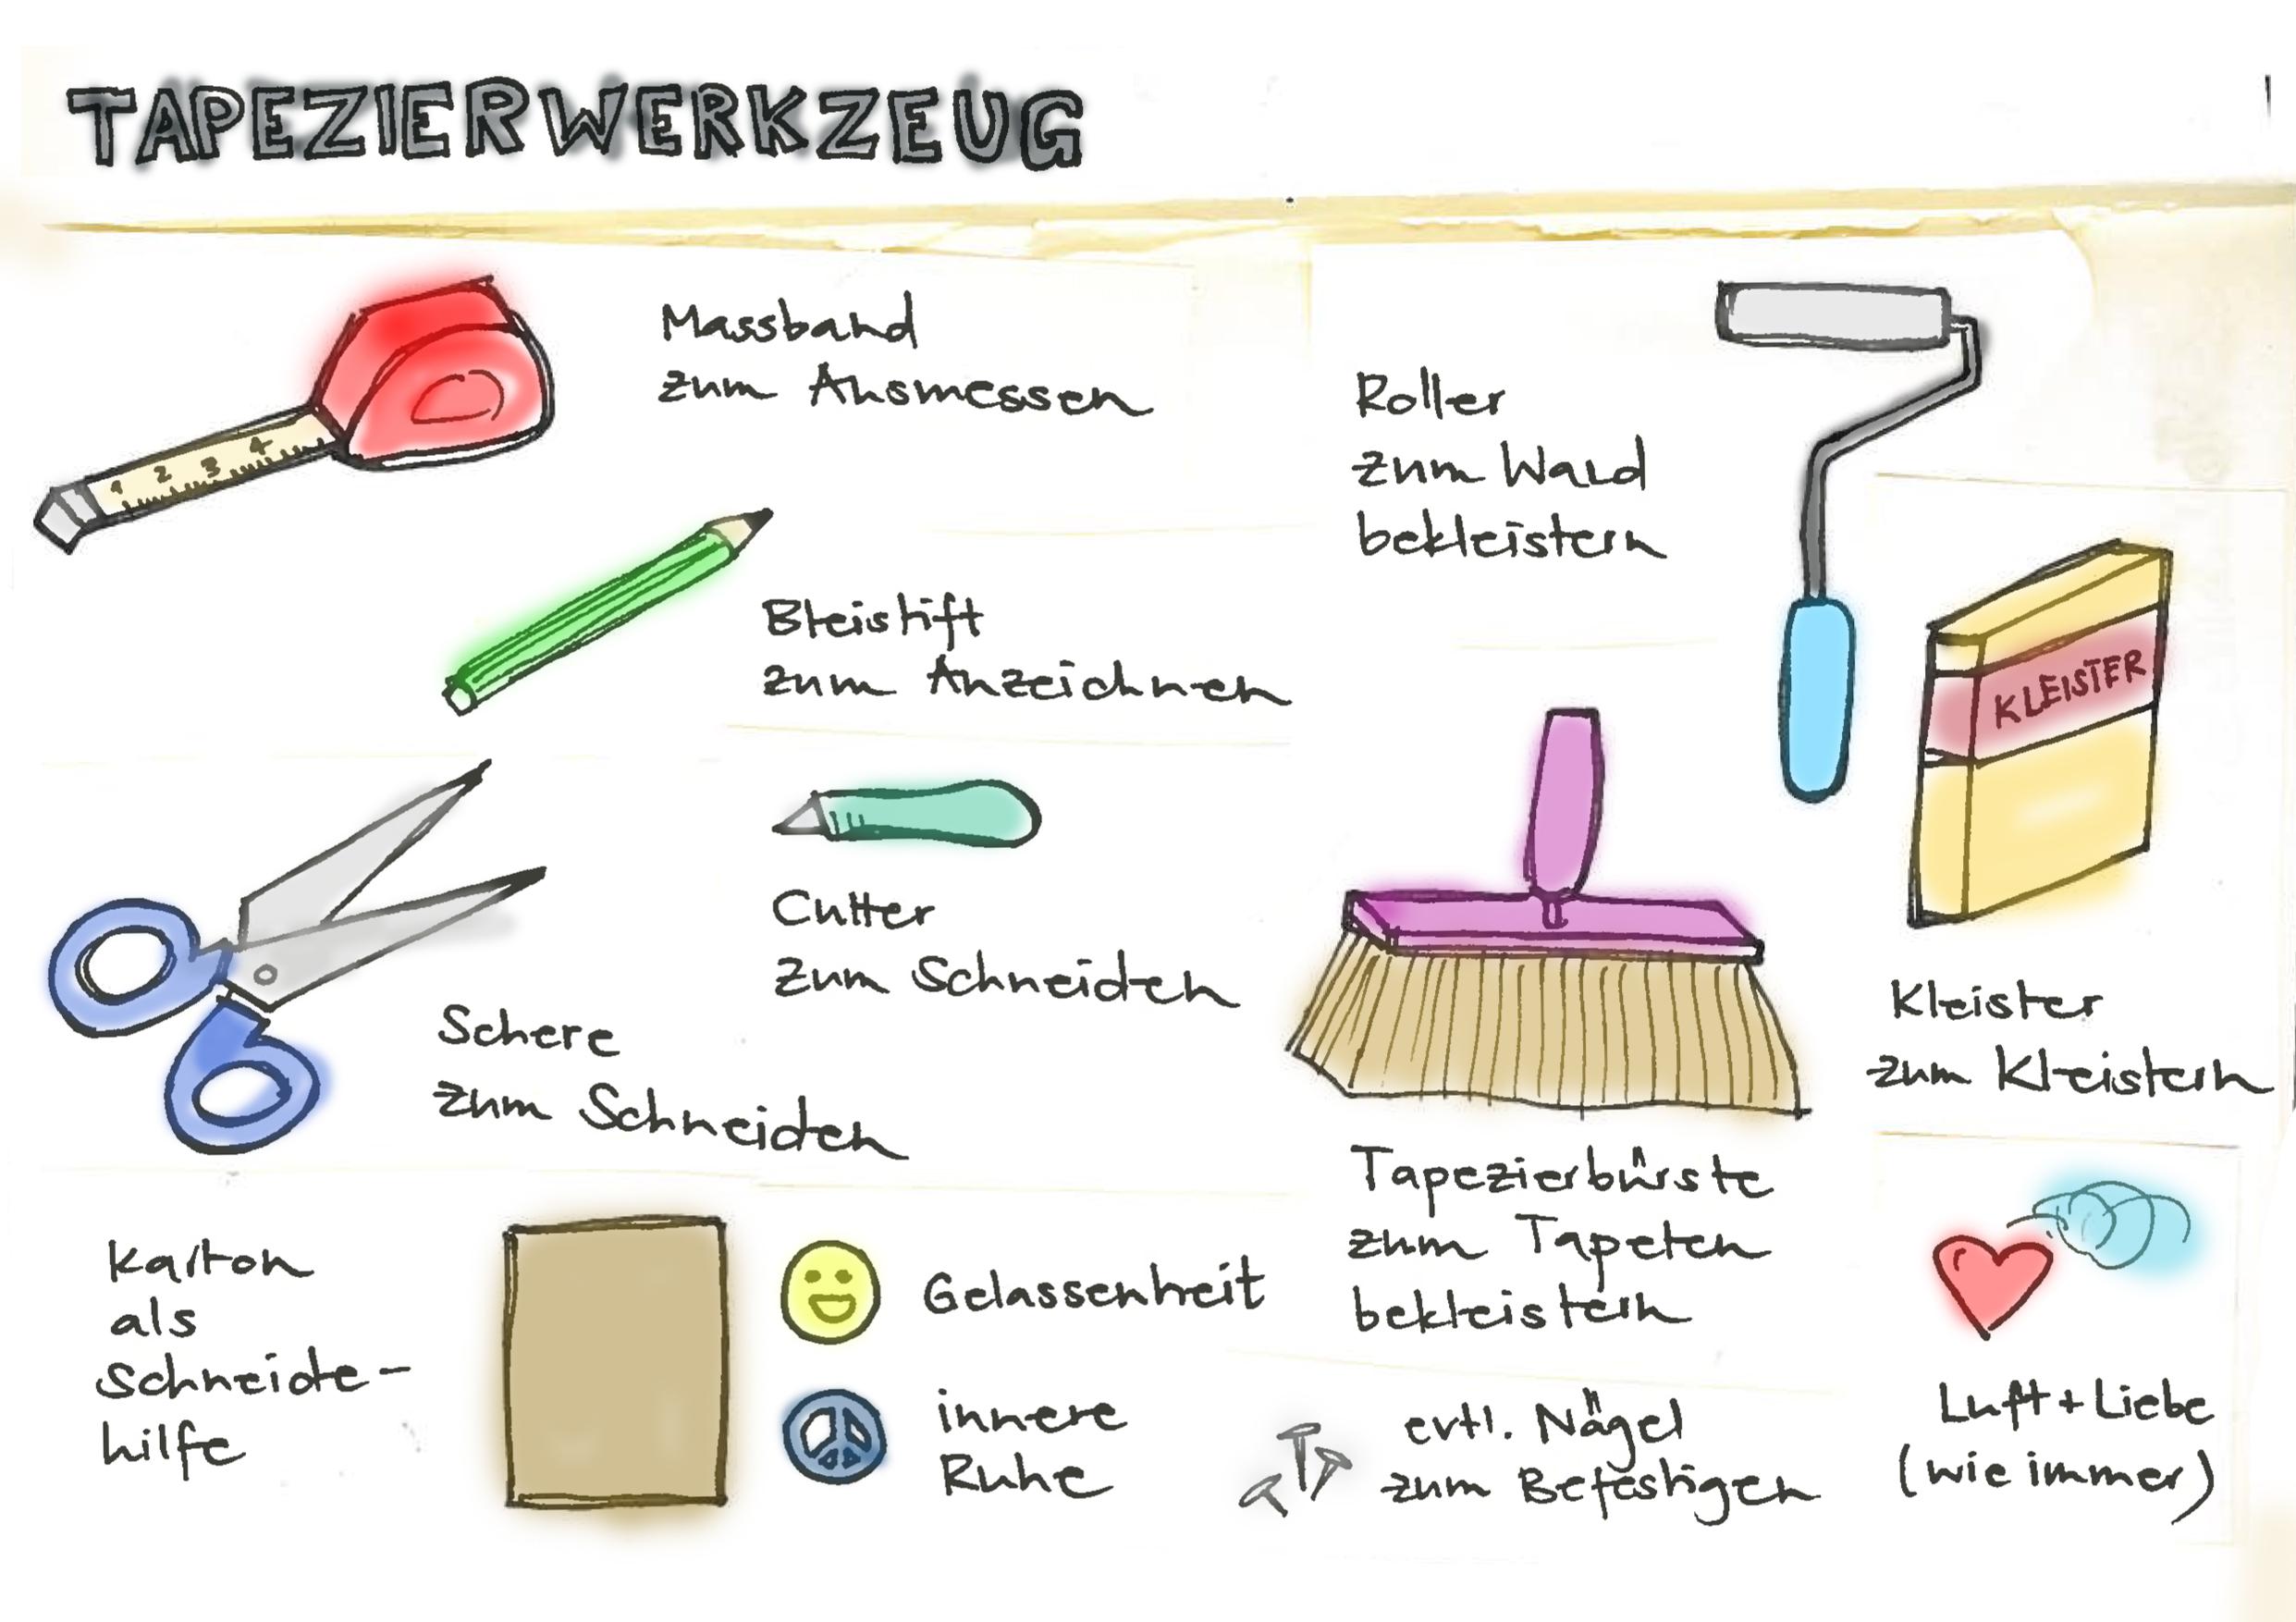 tapezieren geht ber studieren mein t raum. Black Bedroom Furniture Sets. Home Design Ideas